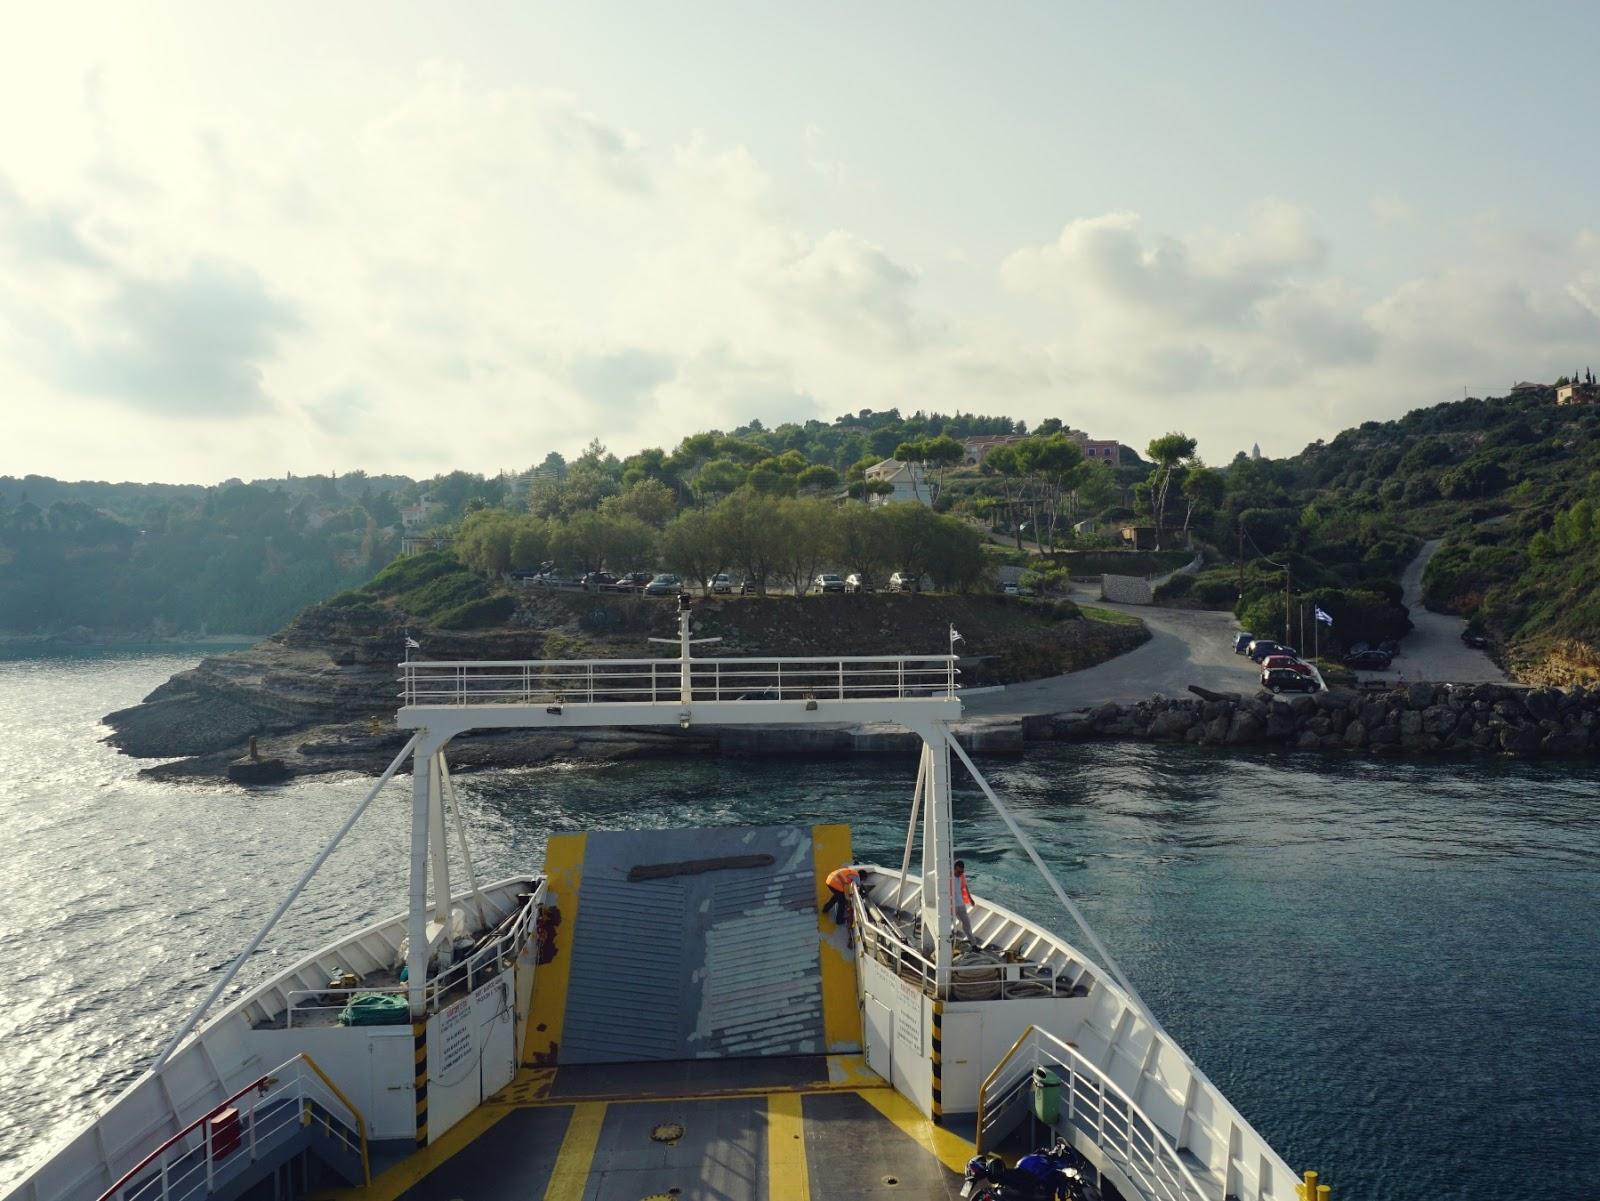 Kefalonia, Pessada, port, wyspa, Grecja, wyspy Jońskie, na morzu, na okręcie, fotografia podróżnicza, panidorcia, pani dorcia, blog o Islandii, blog o podróżach